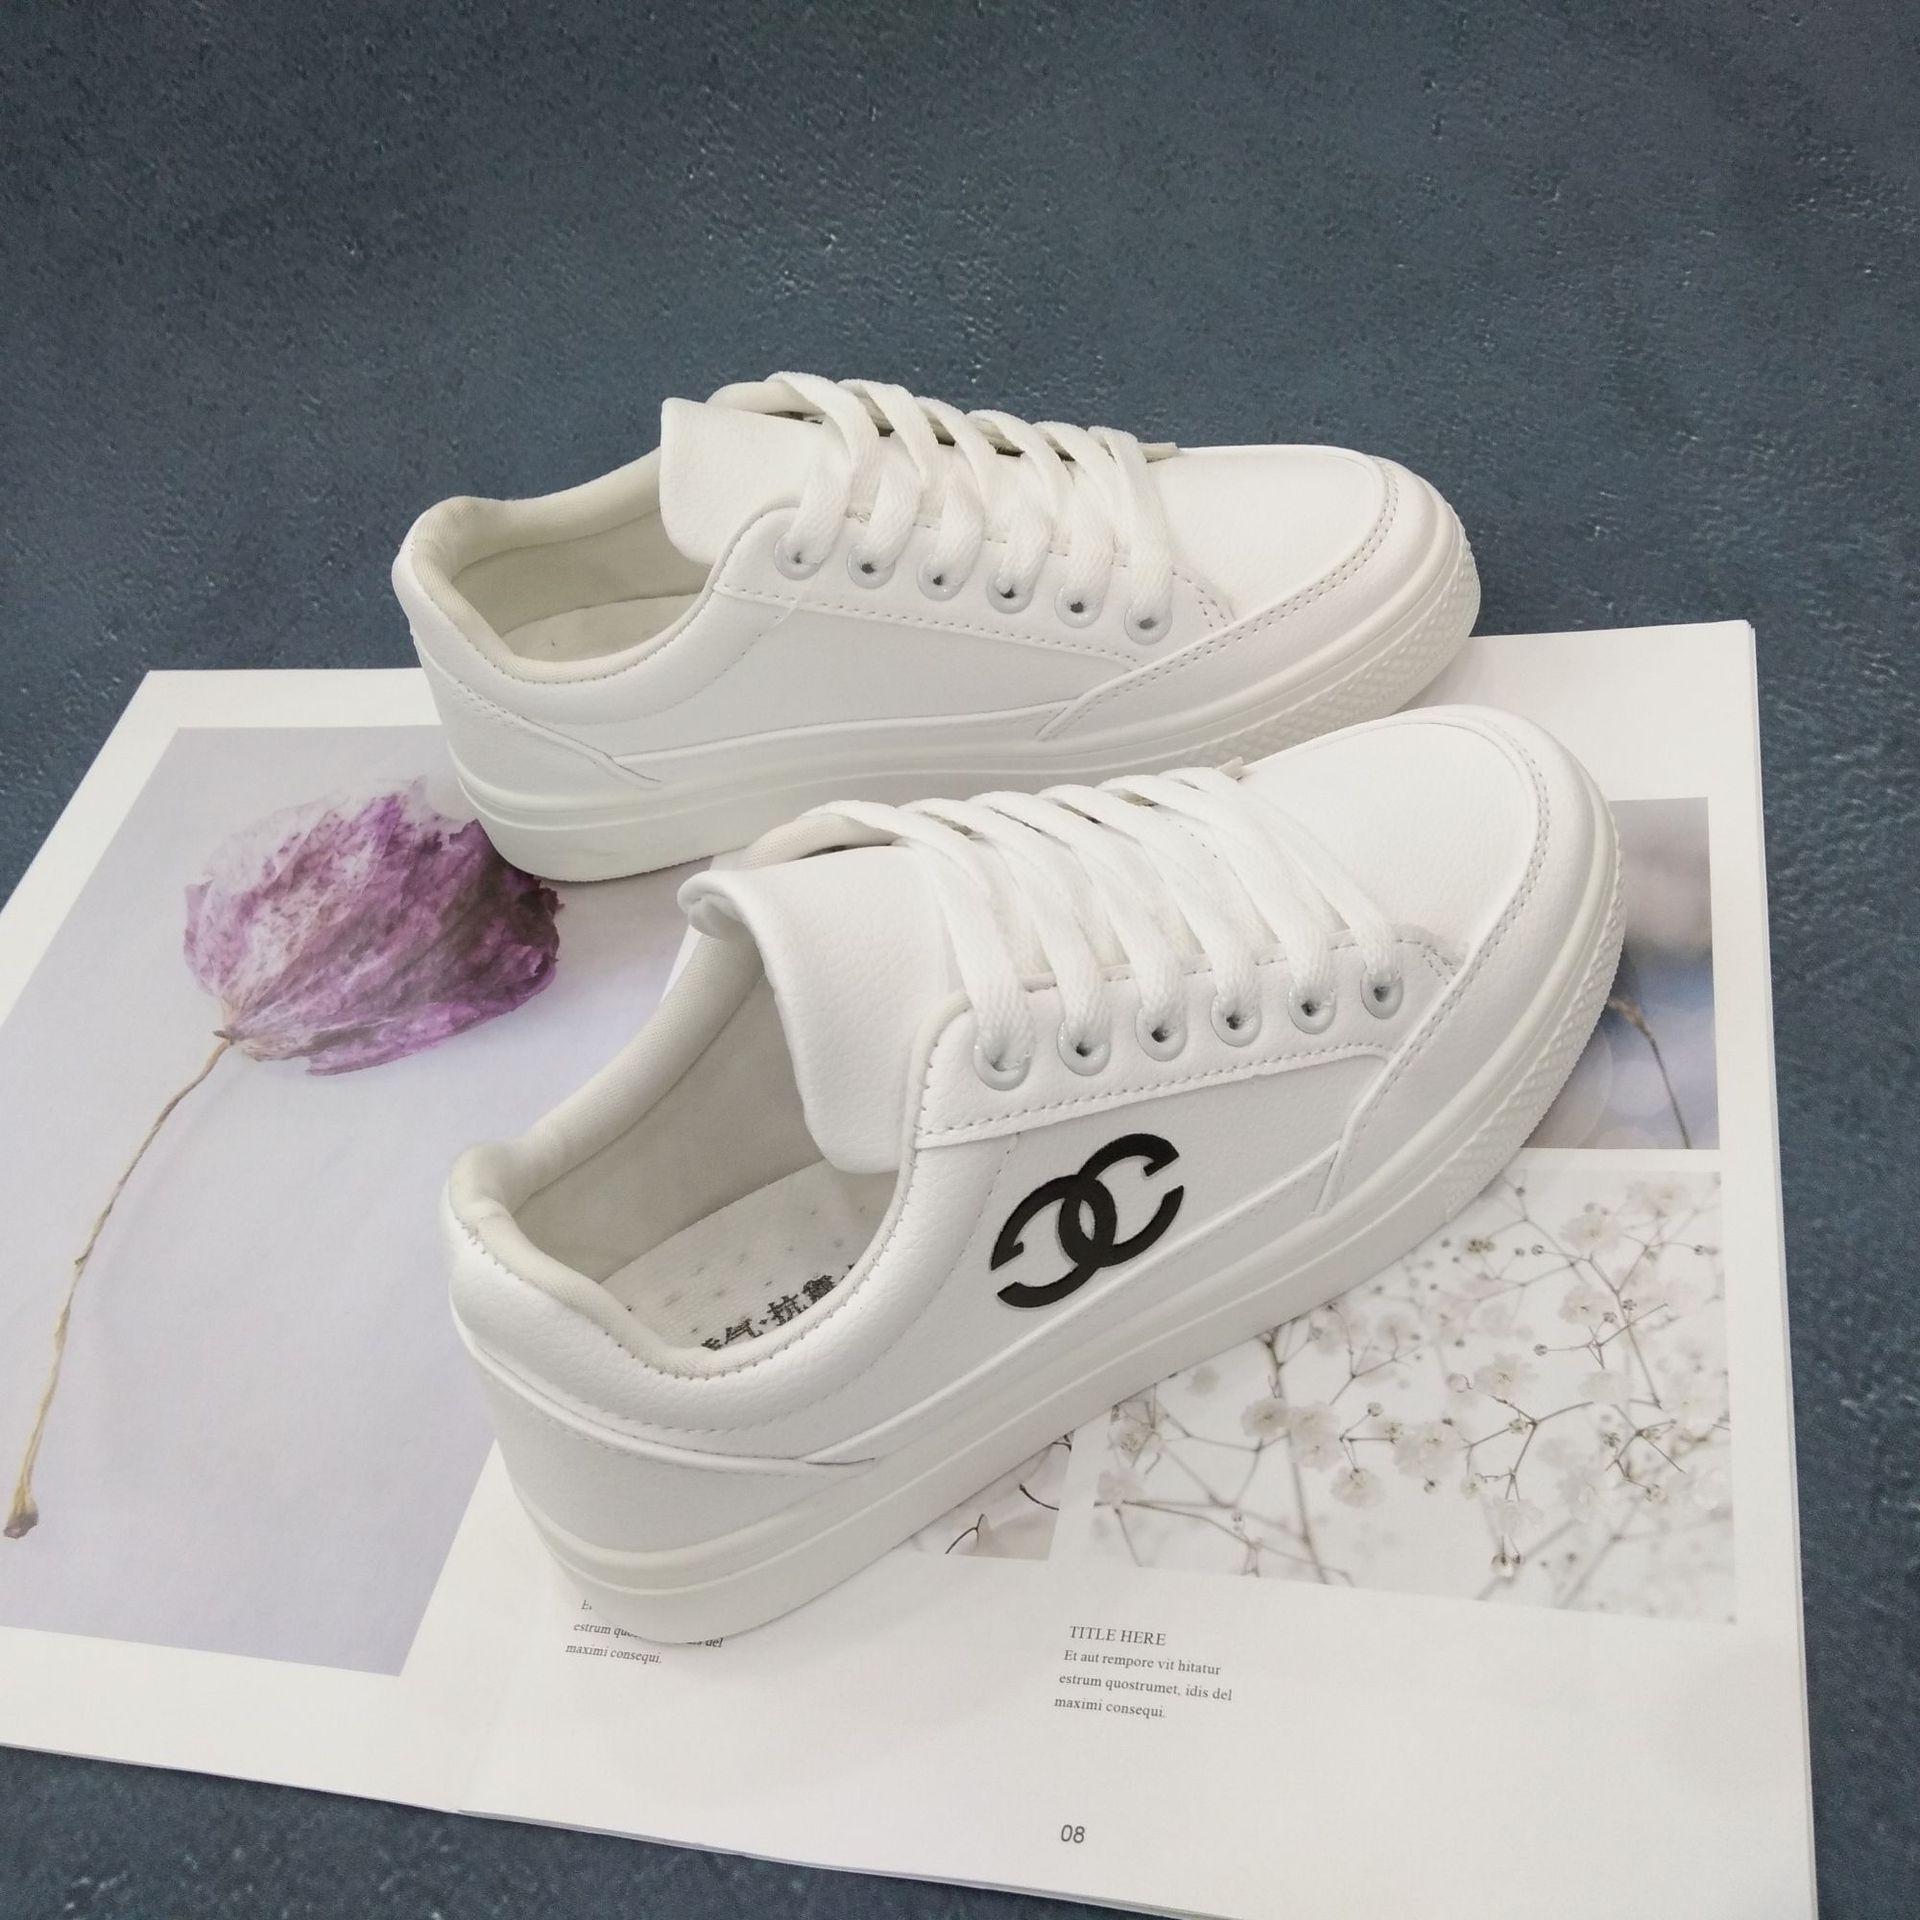 微商F01冬季新款街拍厚底小白鞋女韩版板鞋休闲百搭chic白鞋子